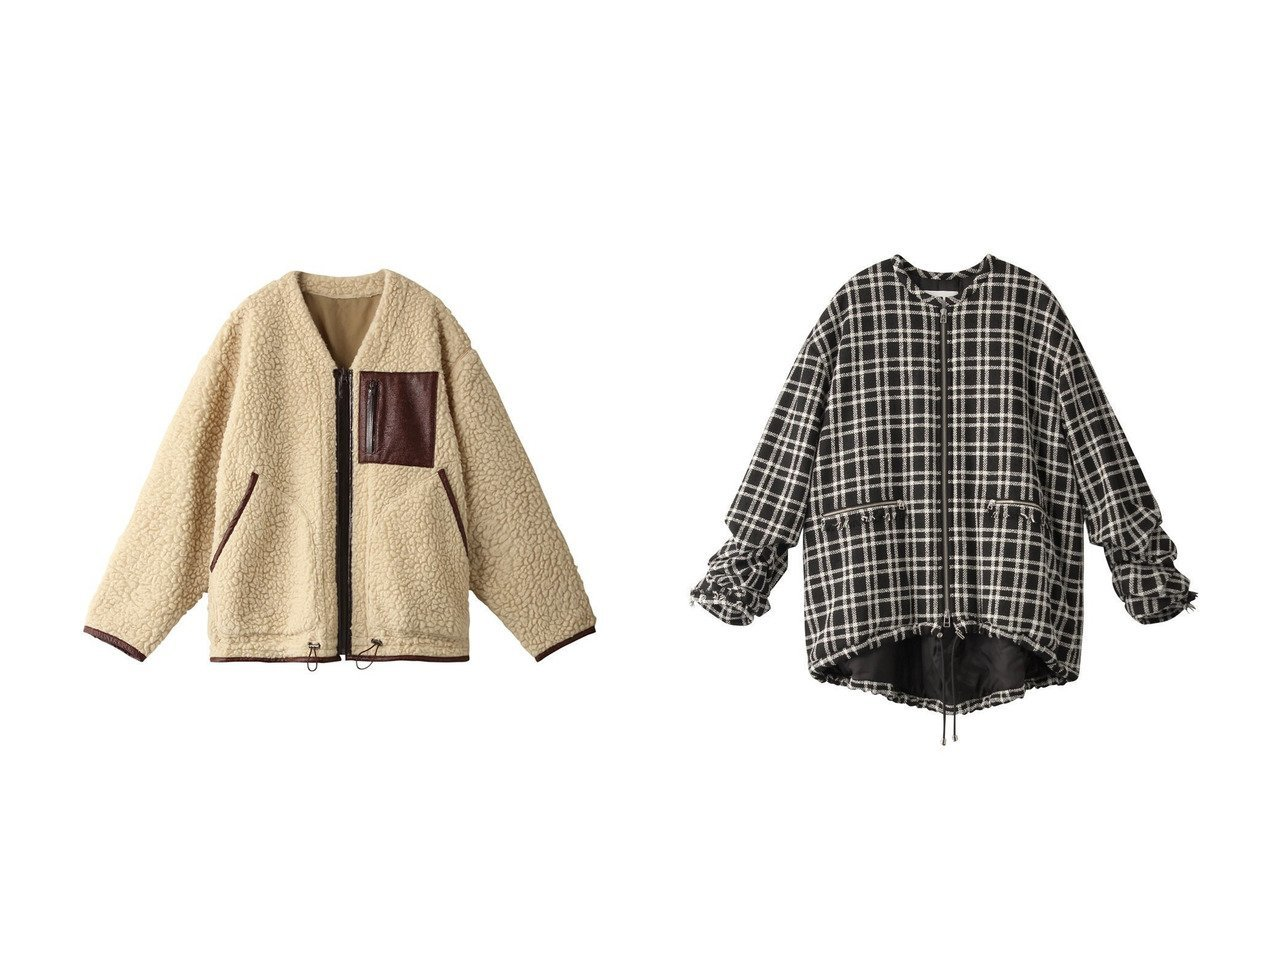 【muller of yoshiokubo/ミュラー オブ ヨシオクボ】のリバーシブルボアブルゾン&【RITO/リト】のウールチェックツイードブルゾン アウターのおすすめ!人気、レディースファッションの通販  おすすめで人気のファッション通販商品 インテリア・家具・キッズファッション・メンズファッション・レディースファッション・服の通販 founy(ファニー) https://founy.com/ ファッション Fashion レディース WOMEN アウター Coat Outerwear ジャケット Jackets ブルゾン Blouson Jackets ジャケット パイピング フラット ブルゾン リバーシブル チェック ツイード フリンジ 秋  ID:crp329100000000461